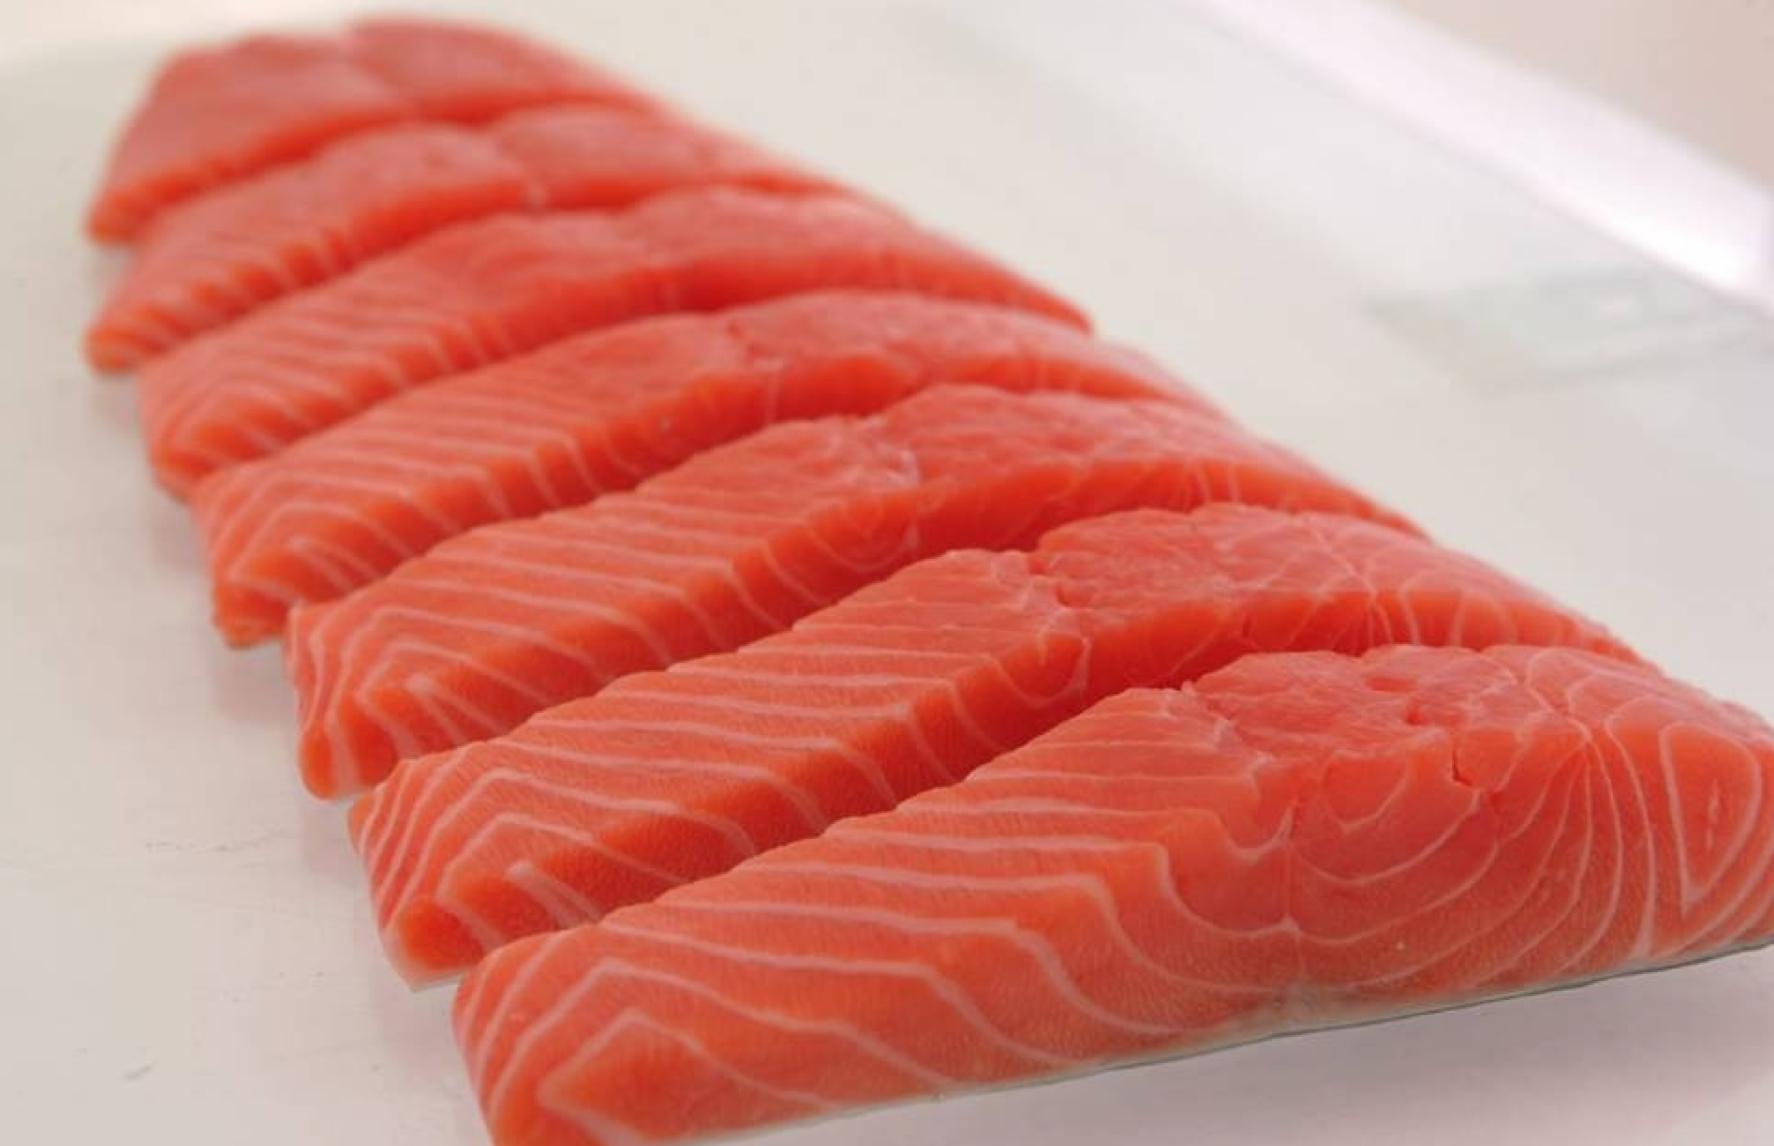 Bảo quản cá hồi đúng cách